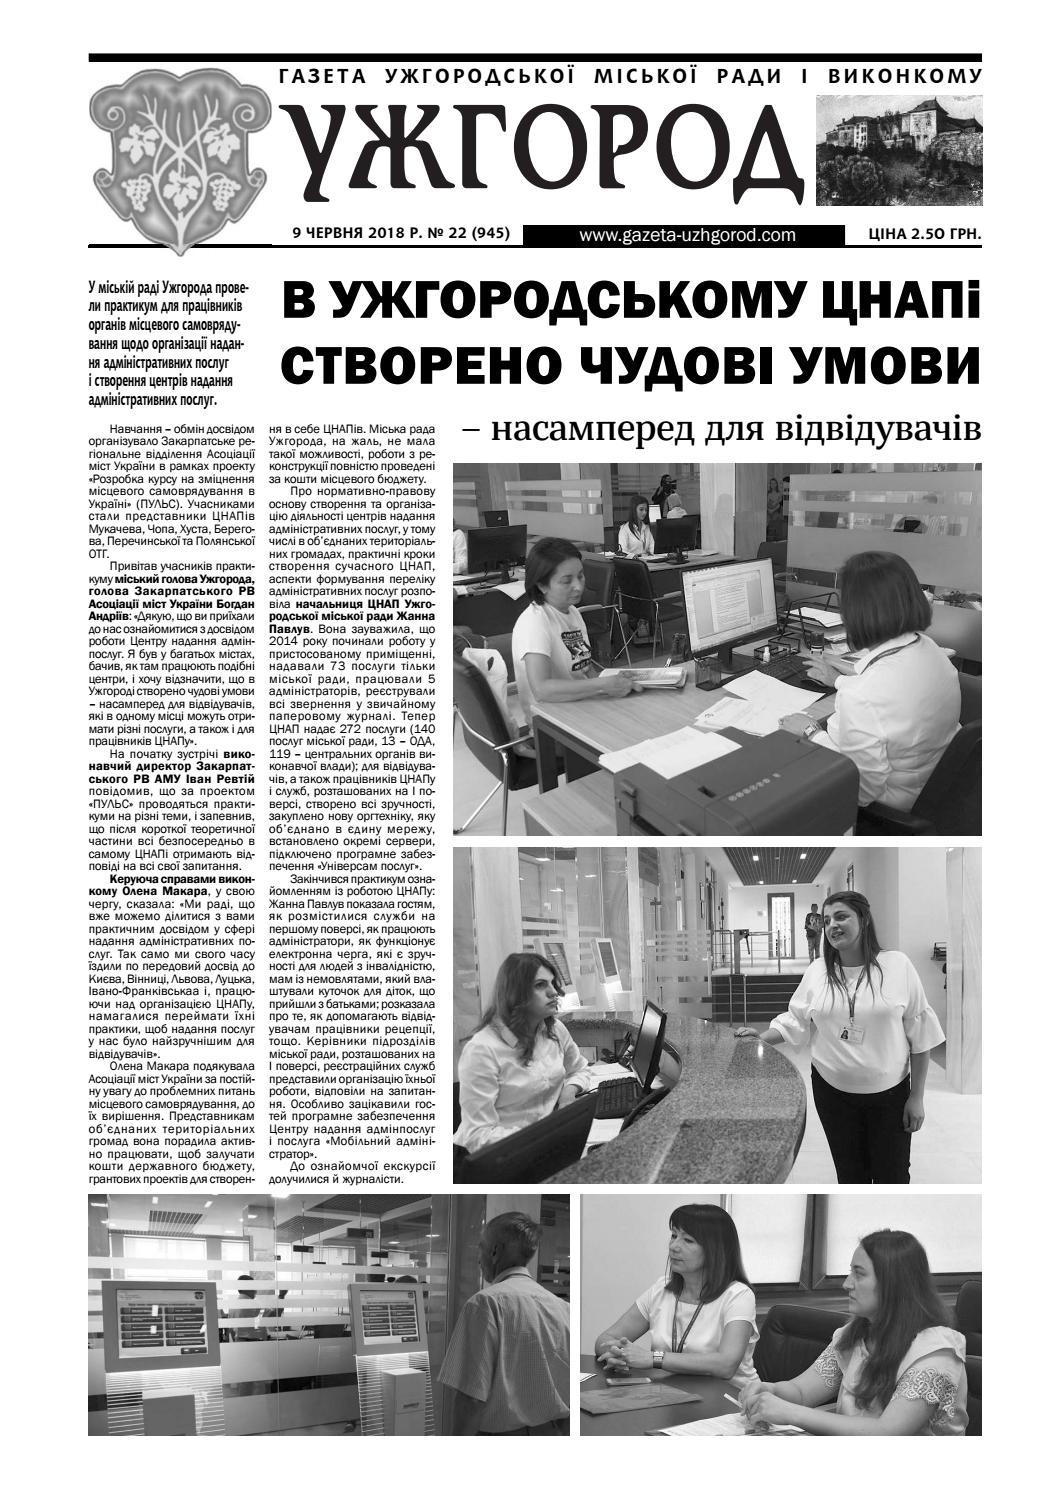 22(945) by Газета Ужгород - issuu 99b95a60aca22